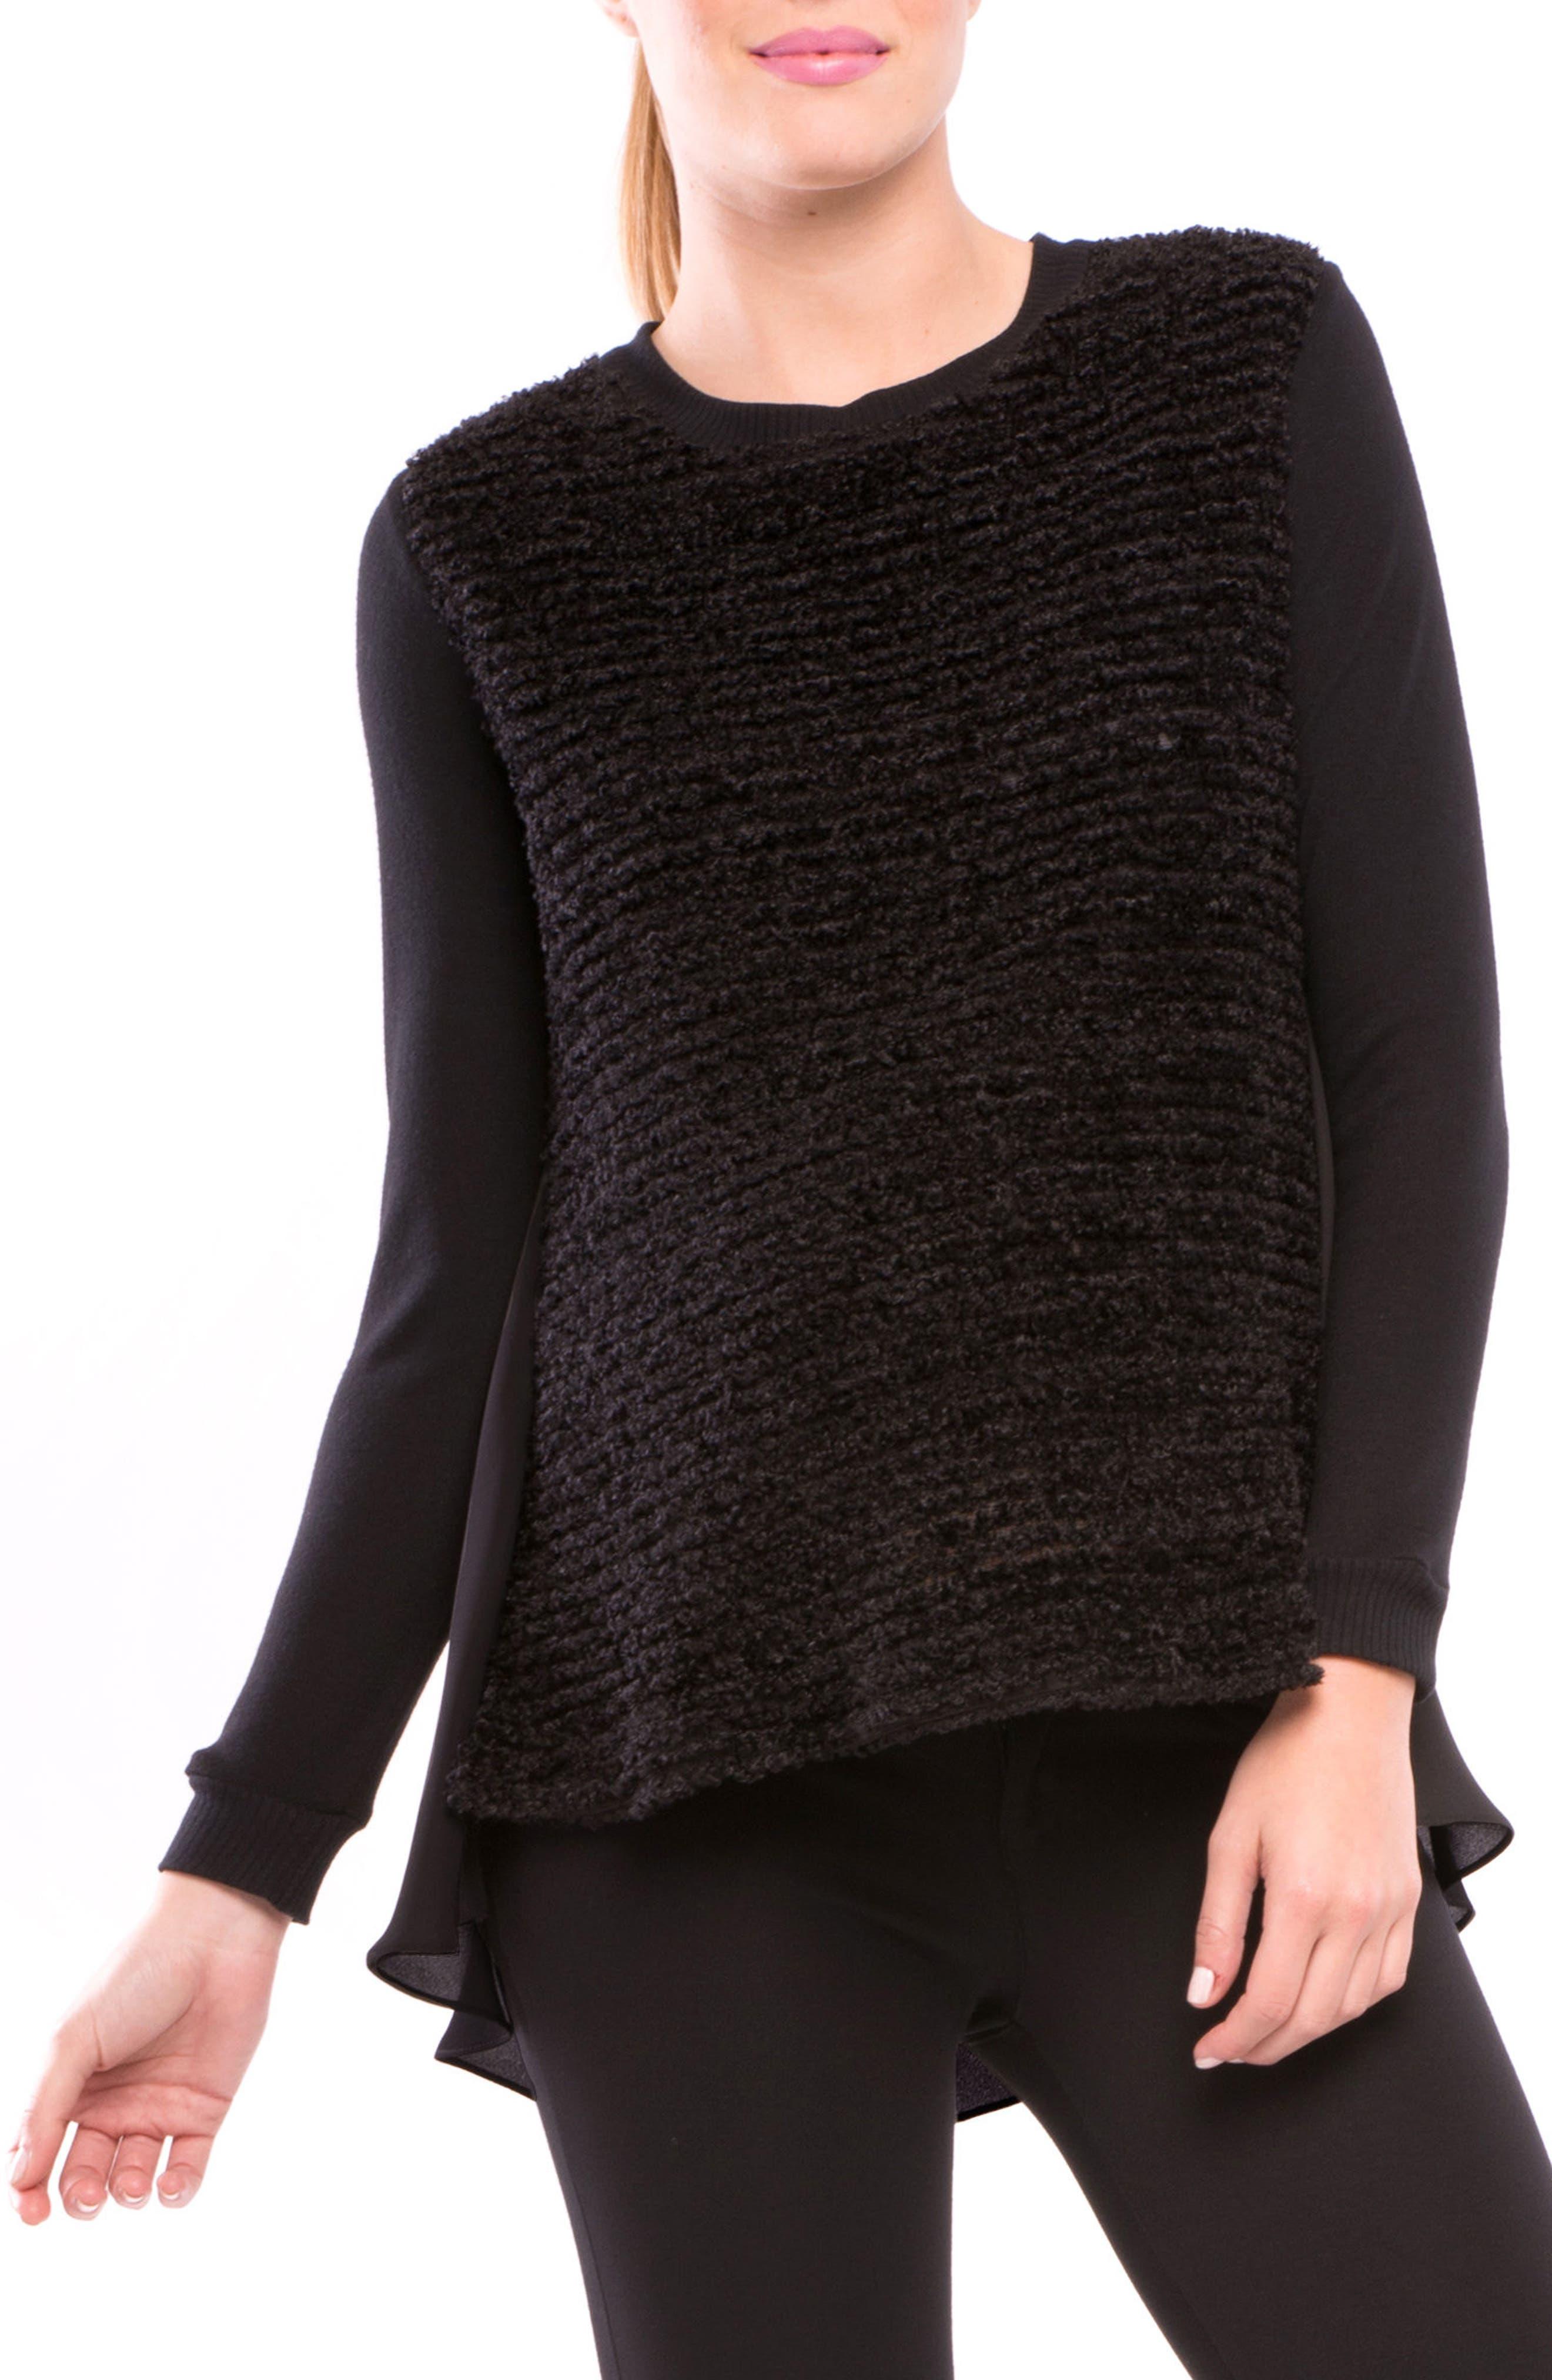 Bouclé Front High/Low Maternity Top,                         Main,                         color, Black